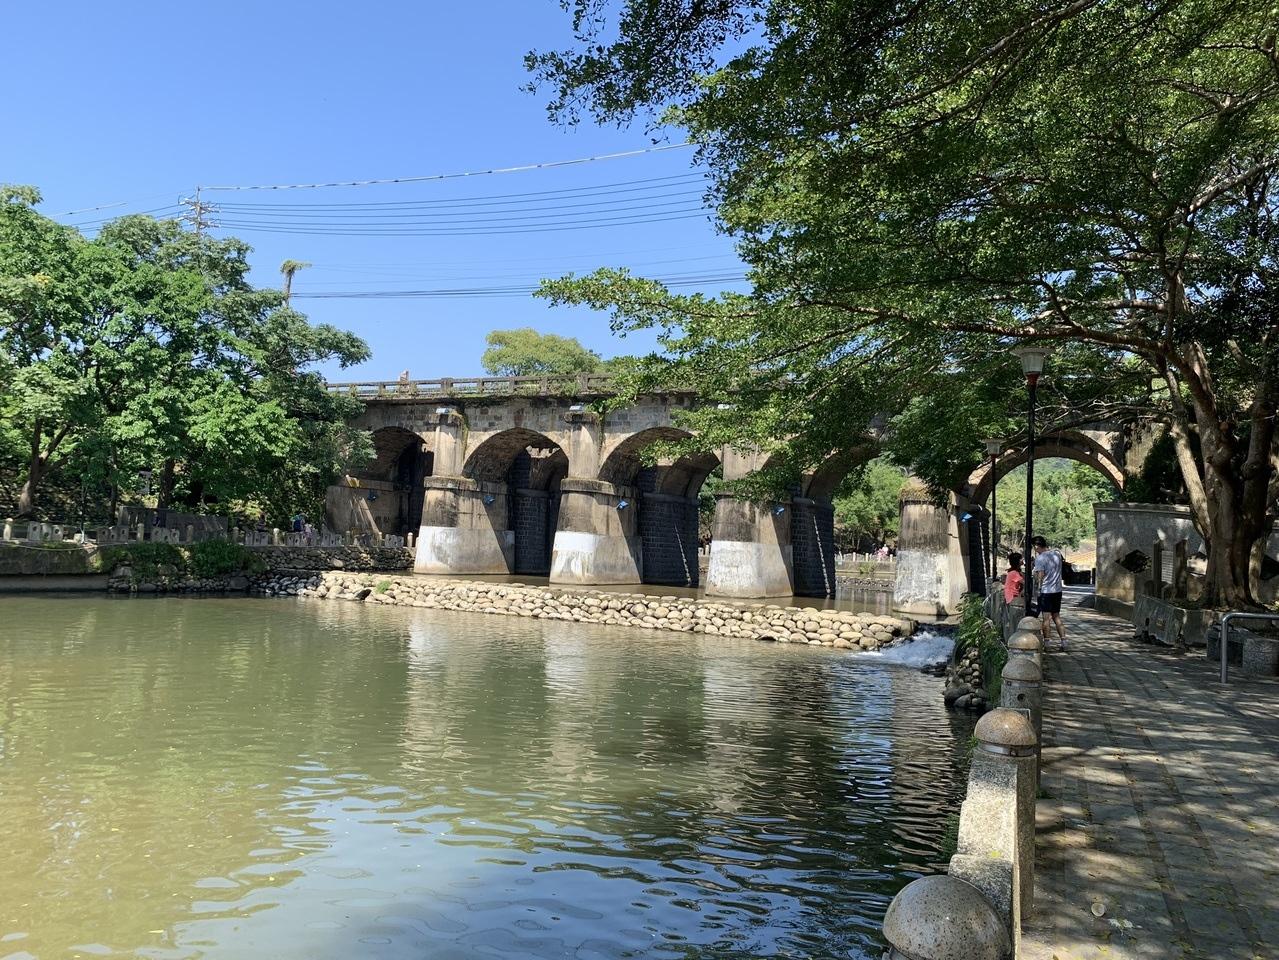 新竹縣關西鎮牛欄河親水公園東安古橋是著名觀光景點,牛欄河兩岸行水區解編可望帶動地方繁榮。記者陳斯穎/攝影